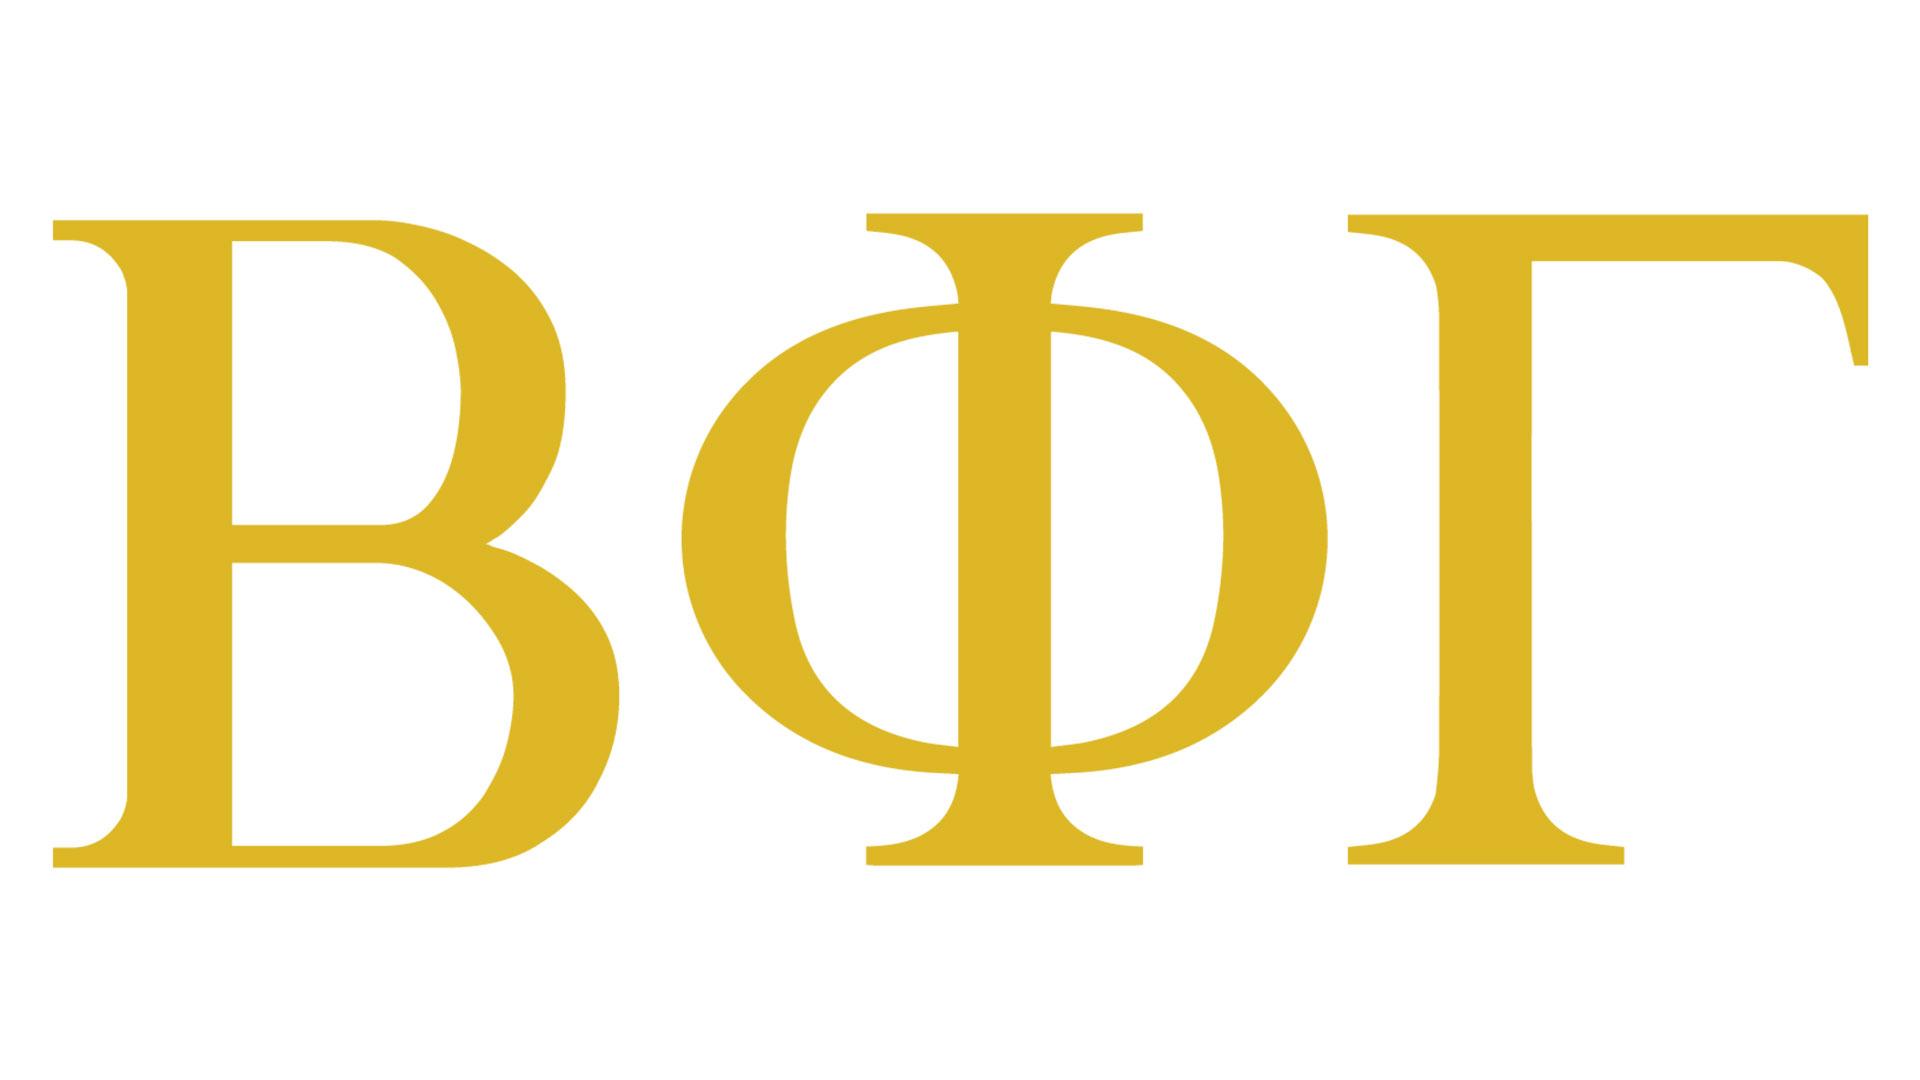 Beta Phi Gamma logo